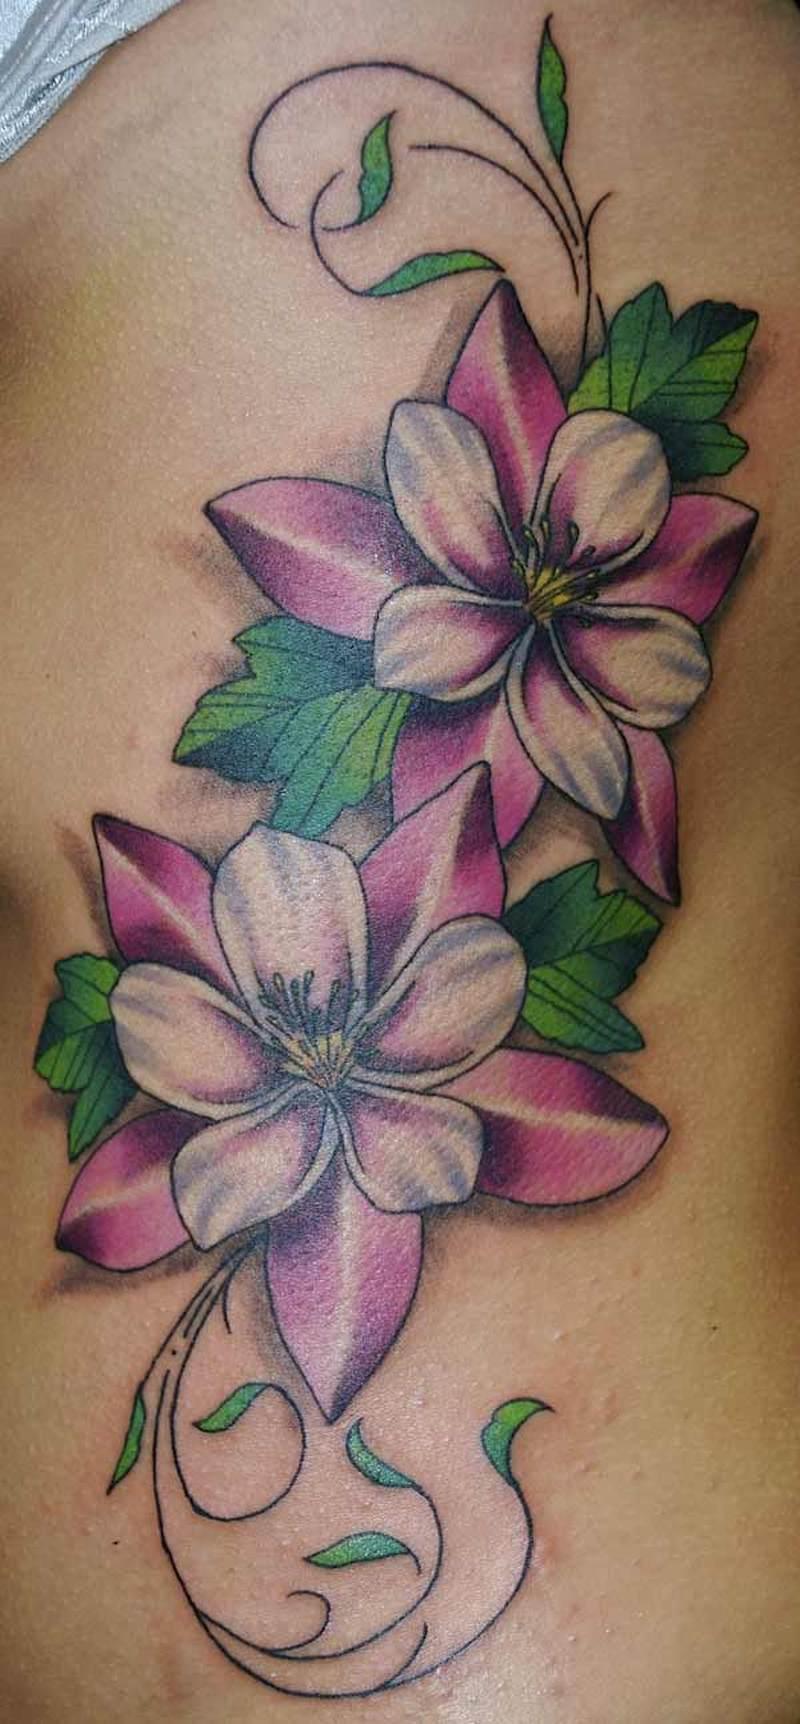 Wonderful floral tattoo art 2